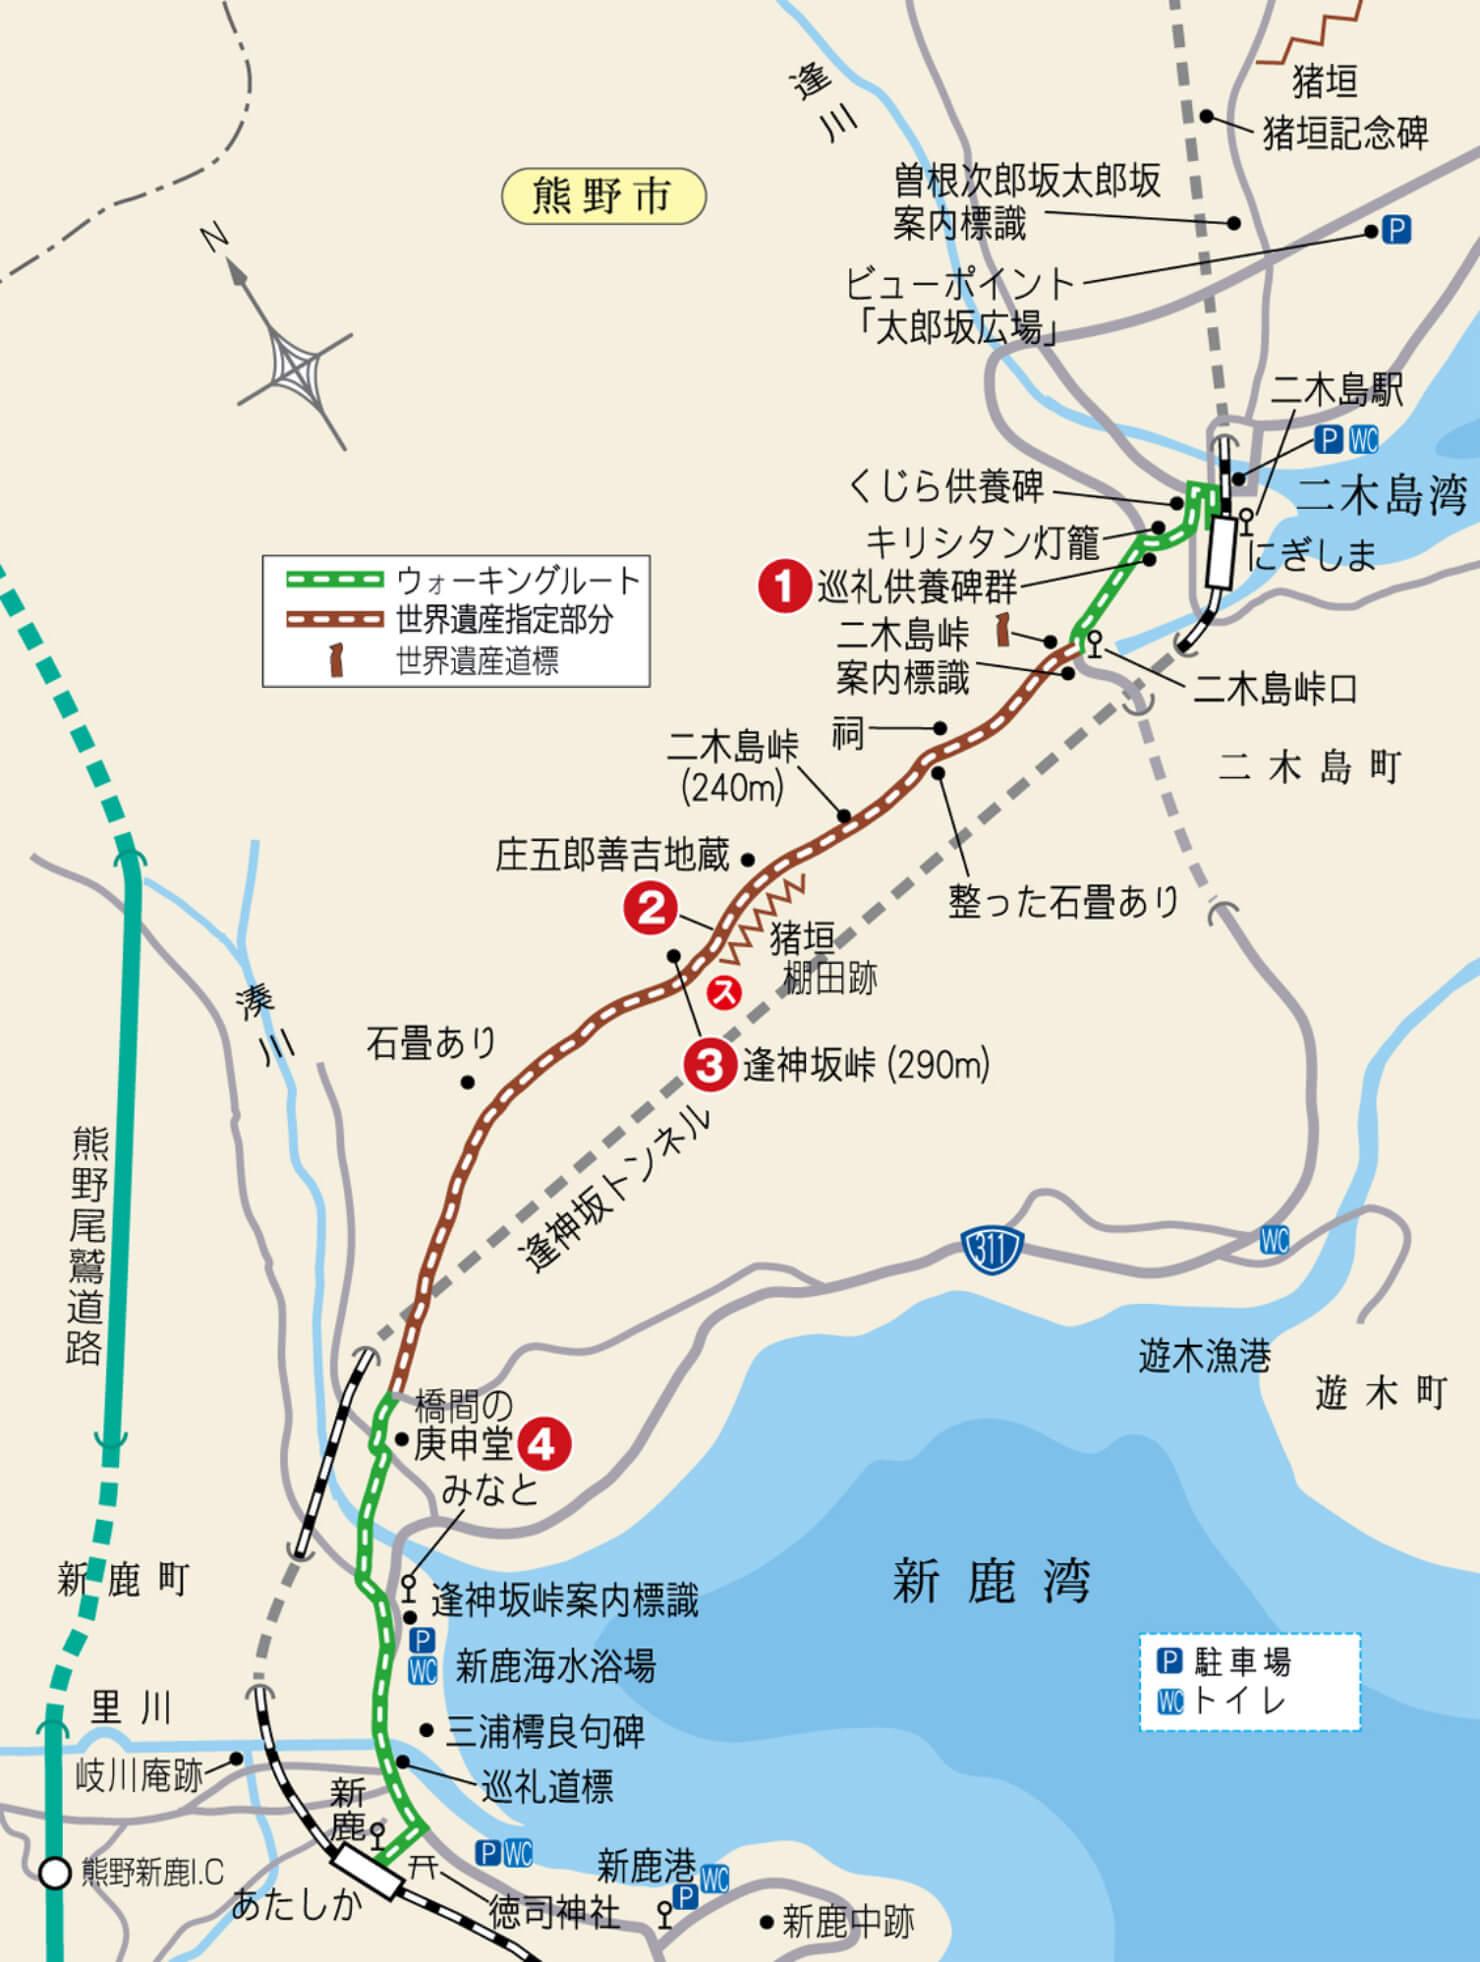 二木島峠道・逢神坂峠道地図